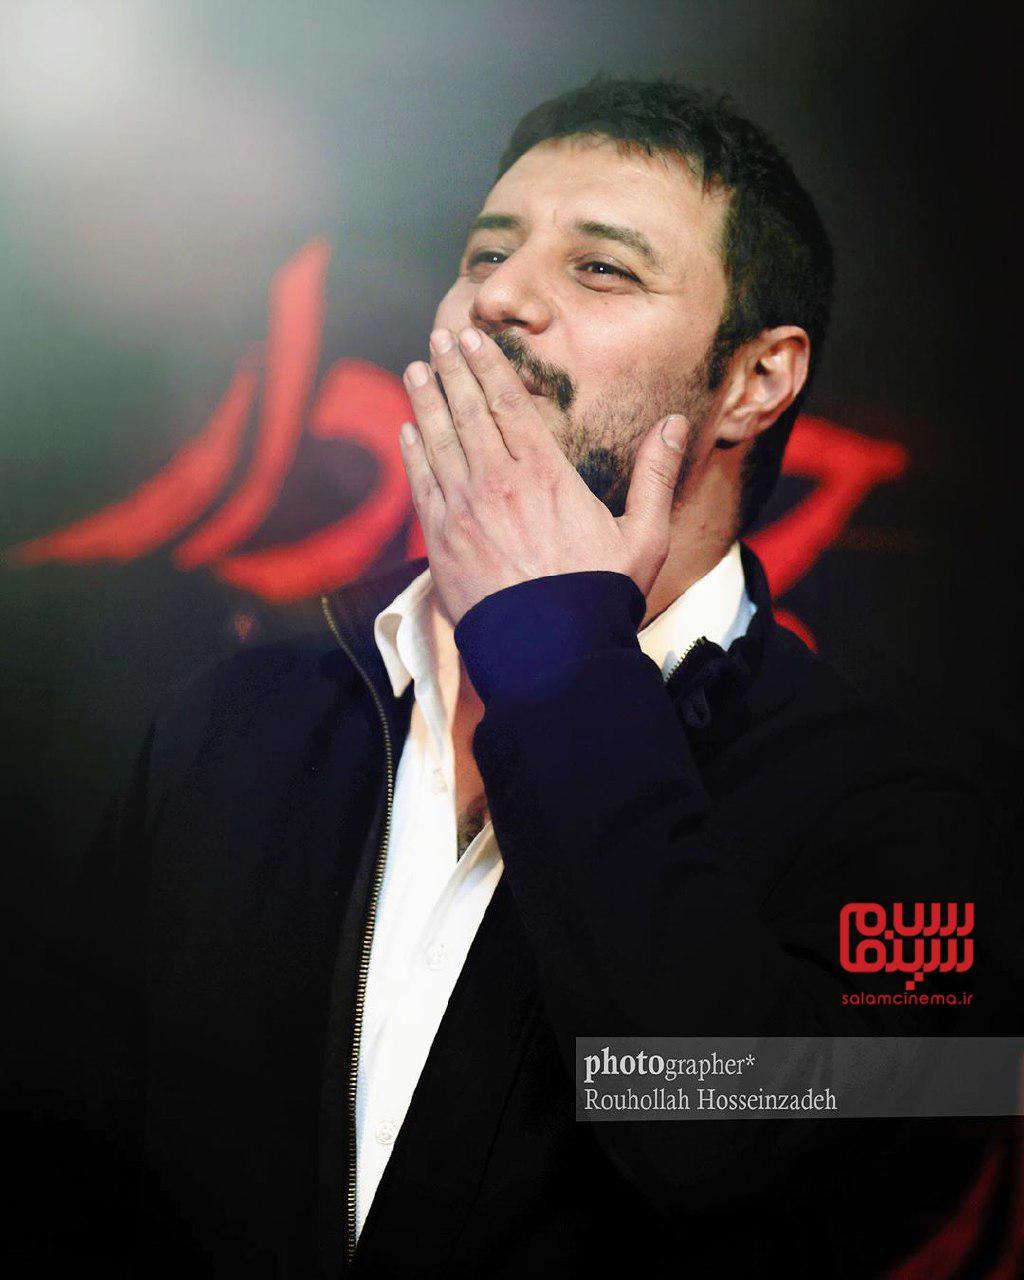 جواد عزتی - سینما آزادی - جان دار -گزارش تصویری هفتگی